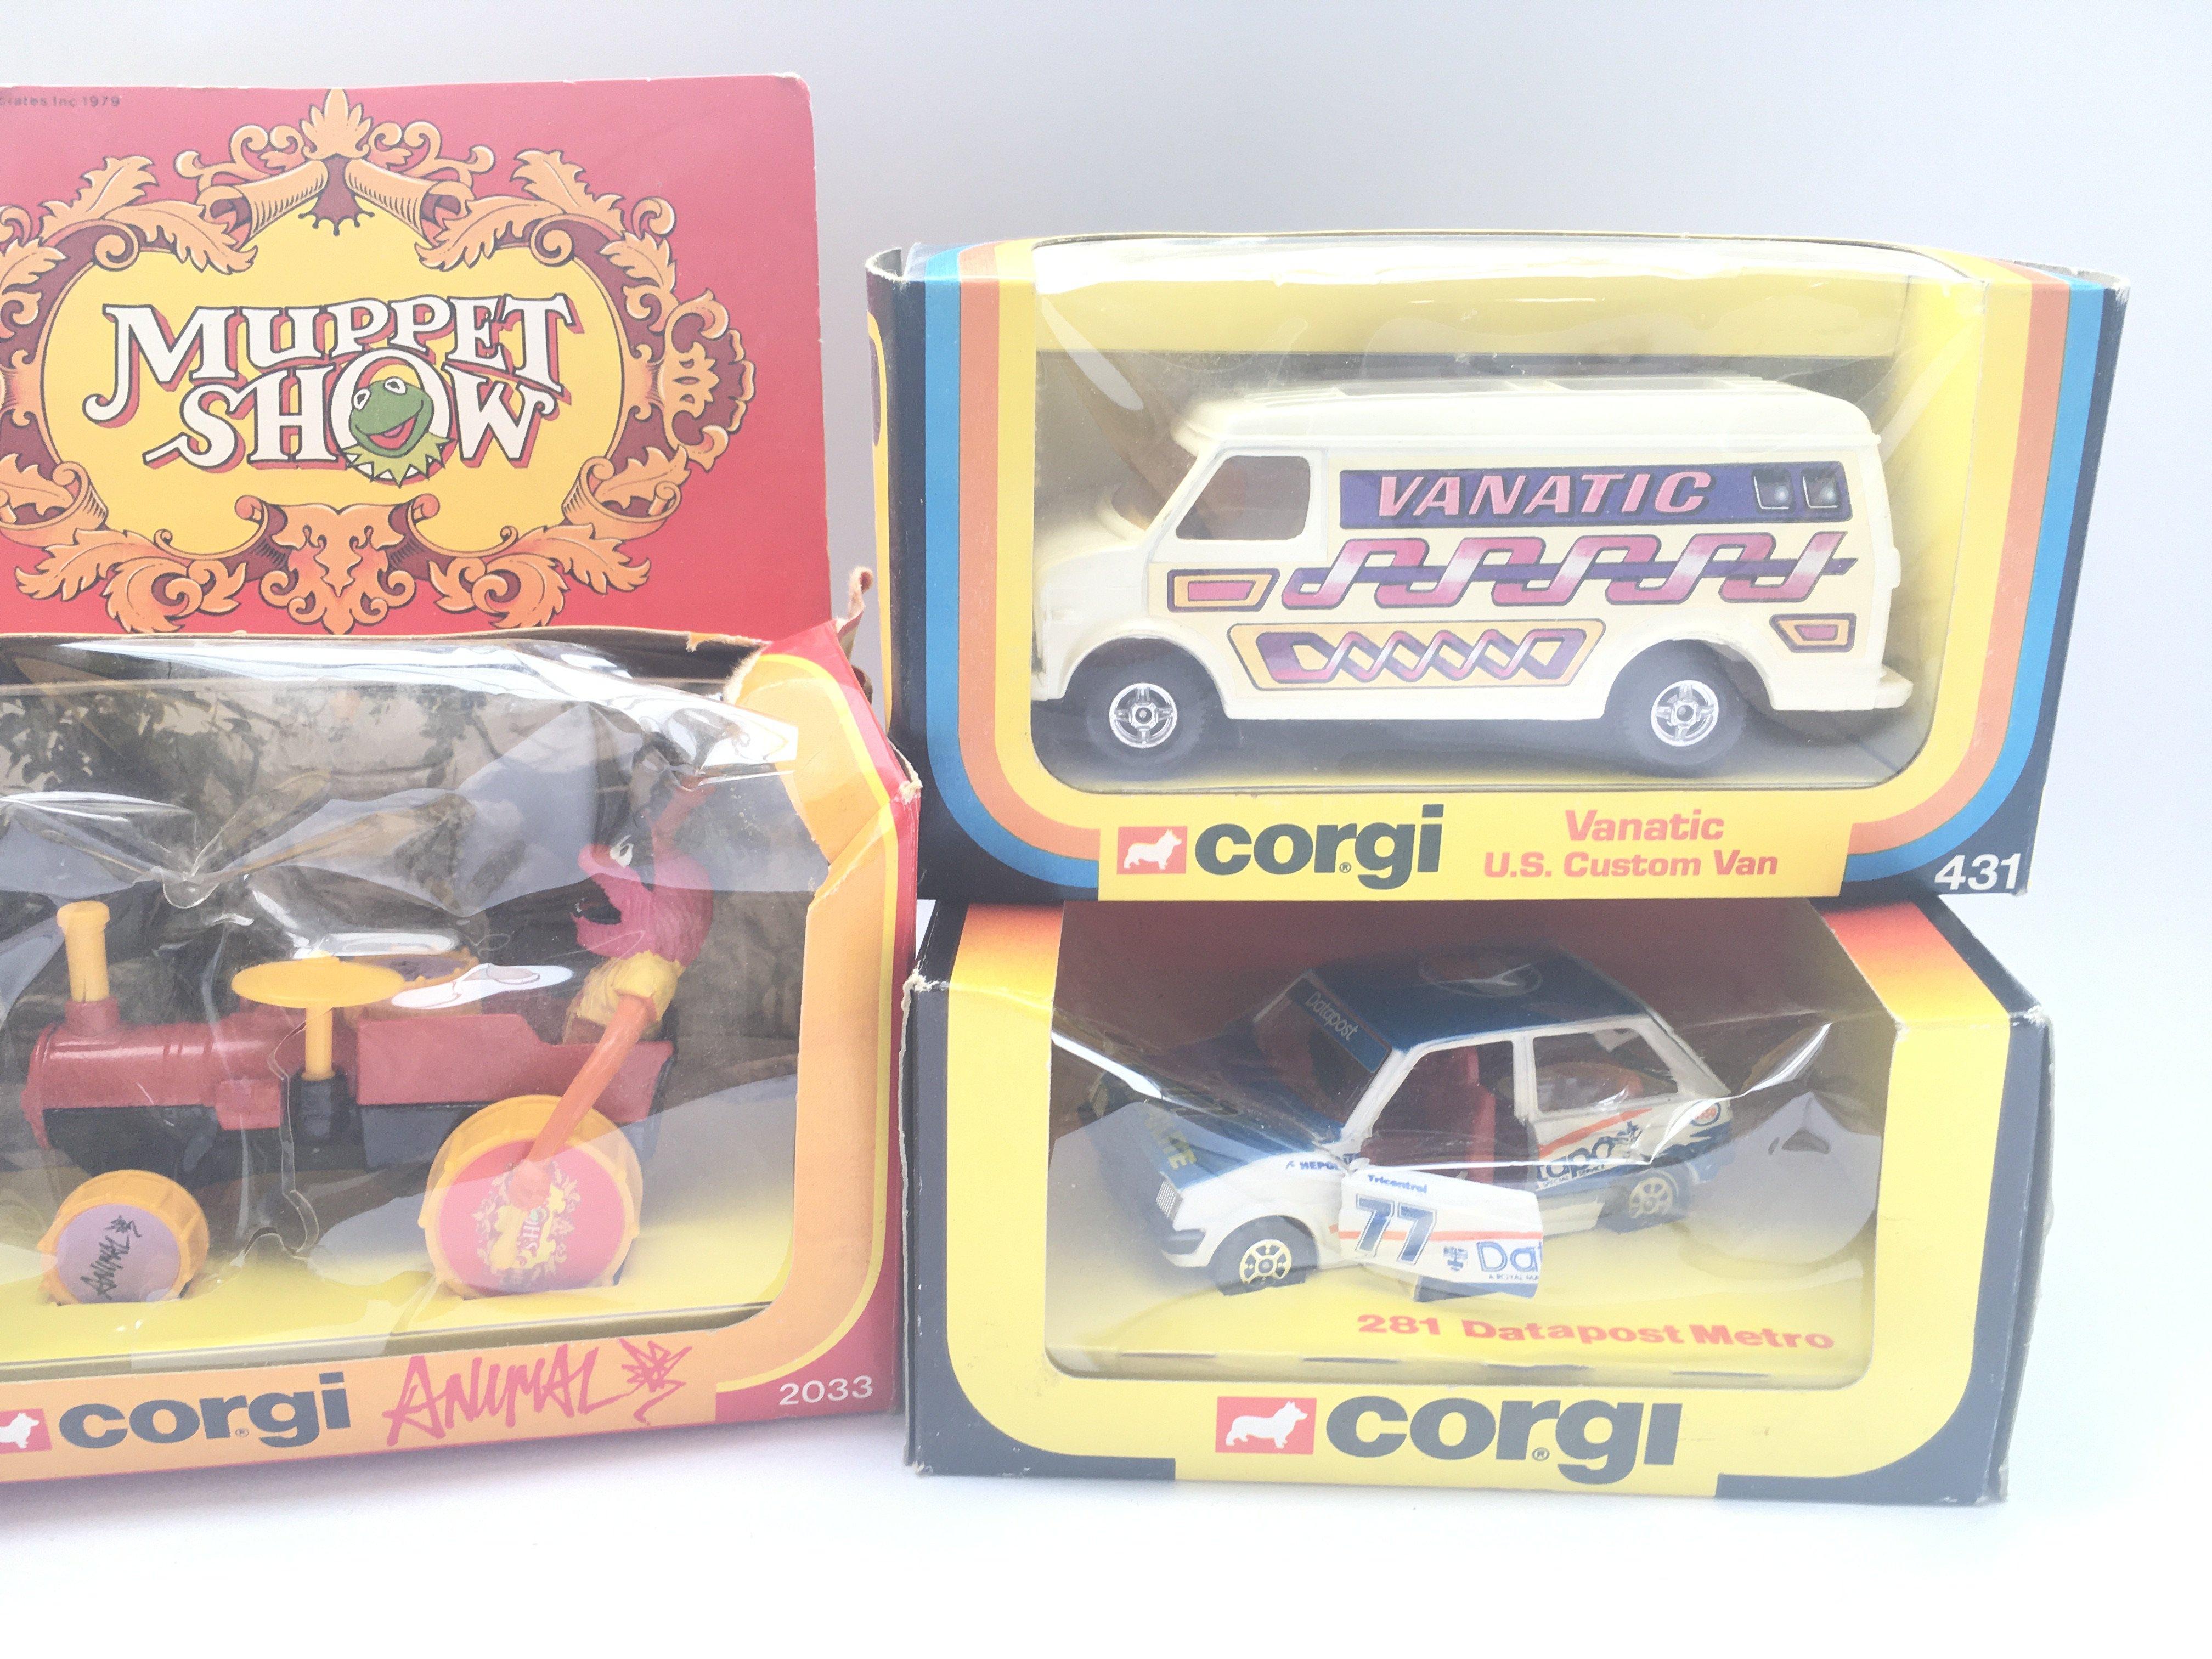 5 boxed Corgi vehicles including Animal #2033 Jagu - Image 3 of 3